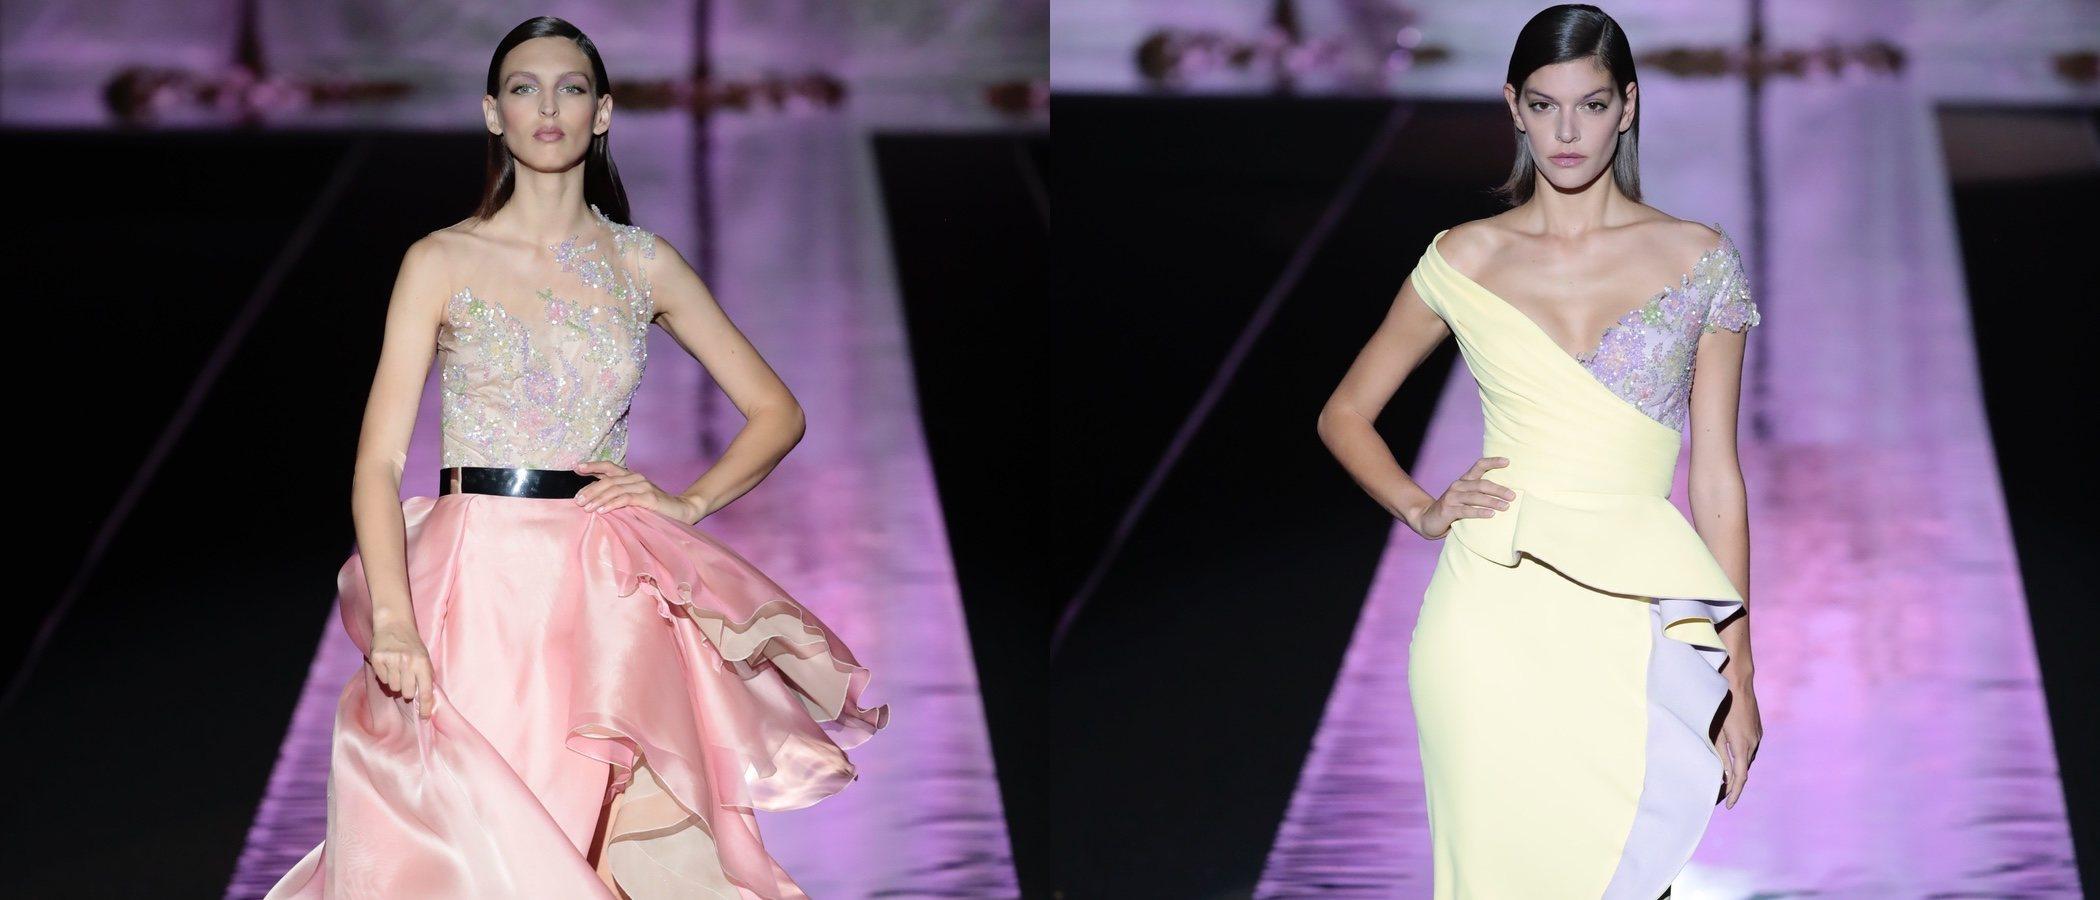 La elegancia se sube a la Madrid Fashion Week con la primavera/verano 2019 de Hannibal Laguna